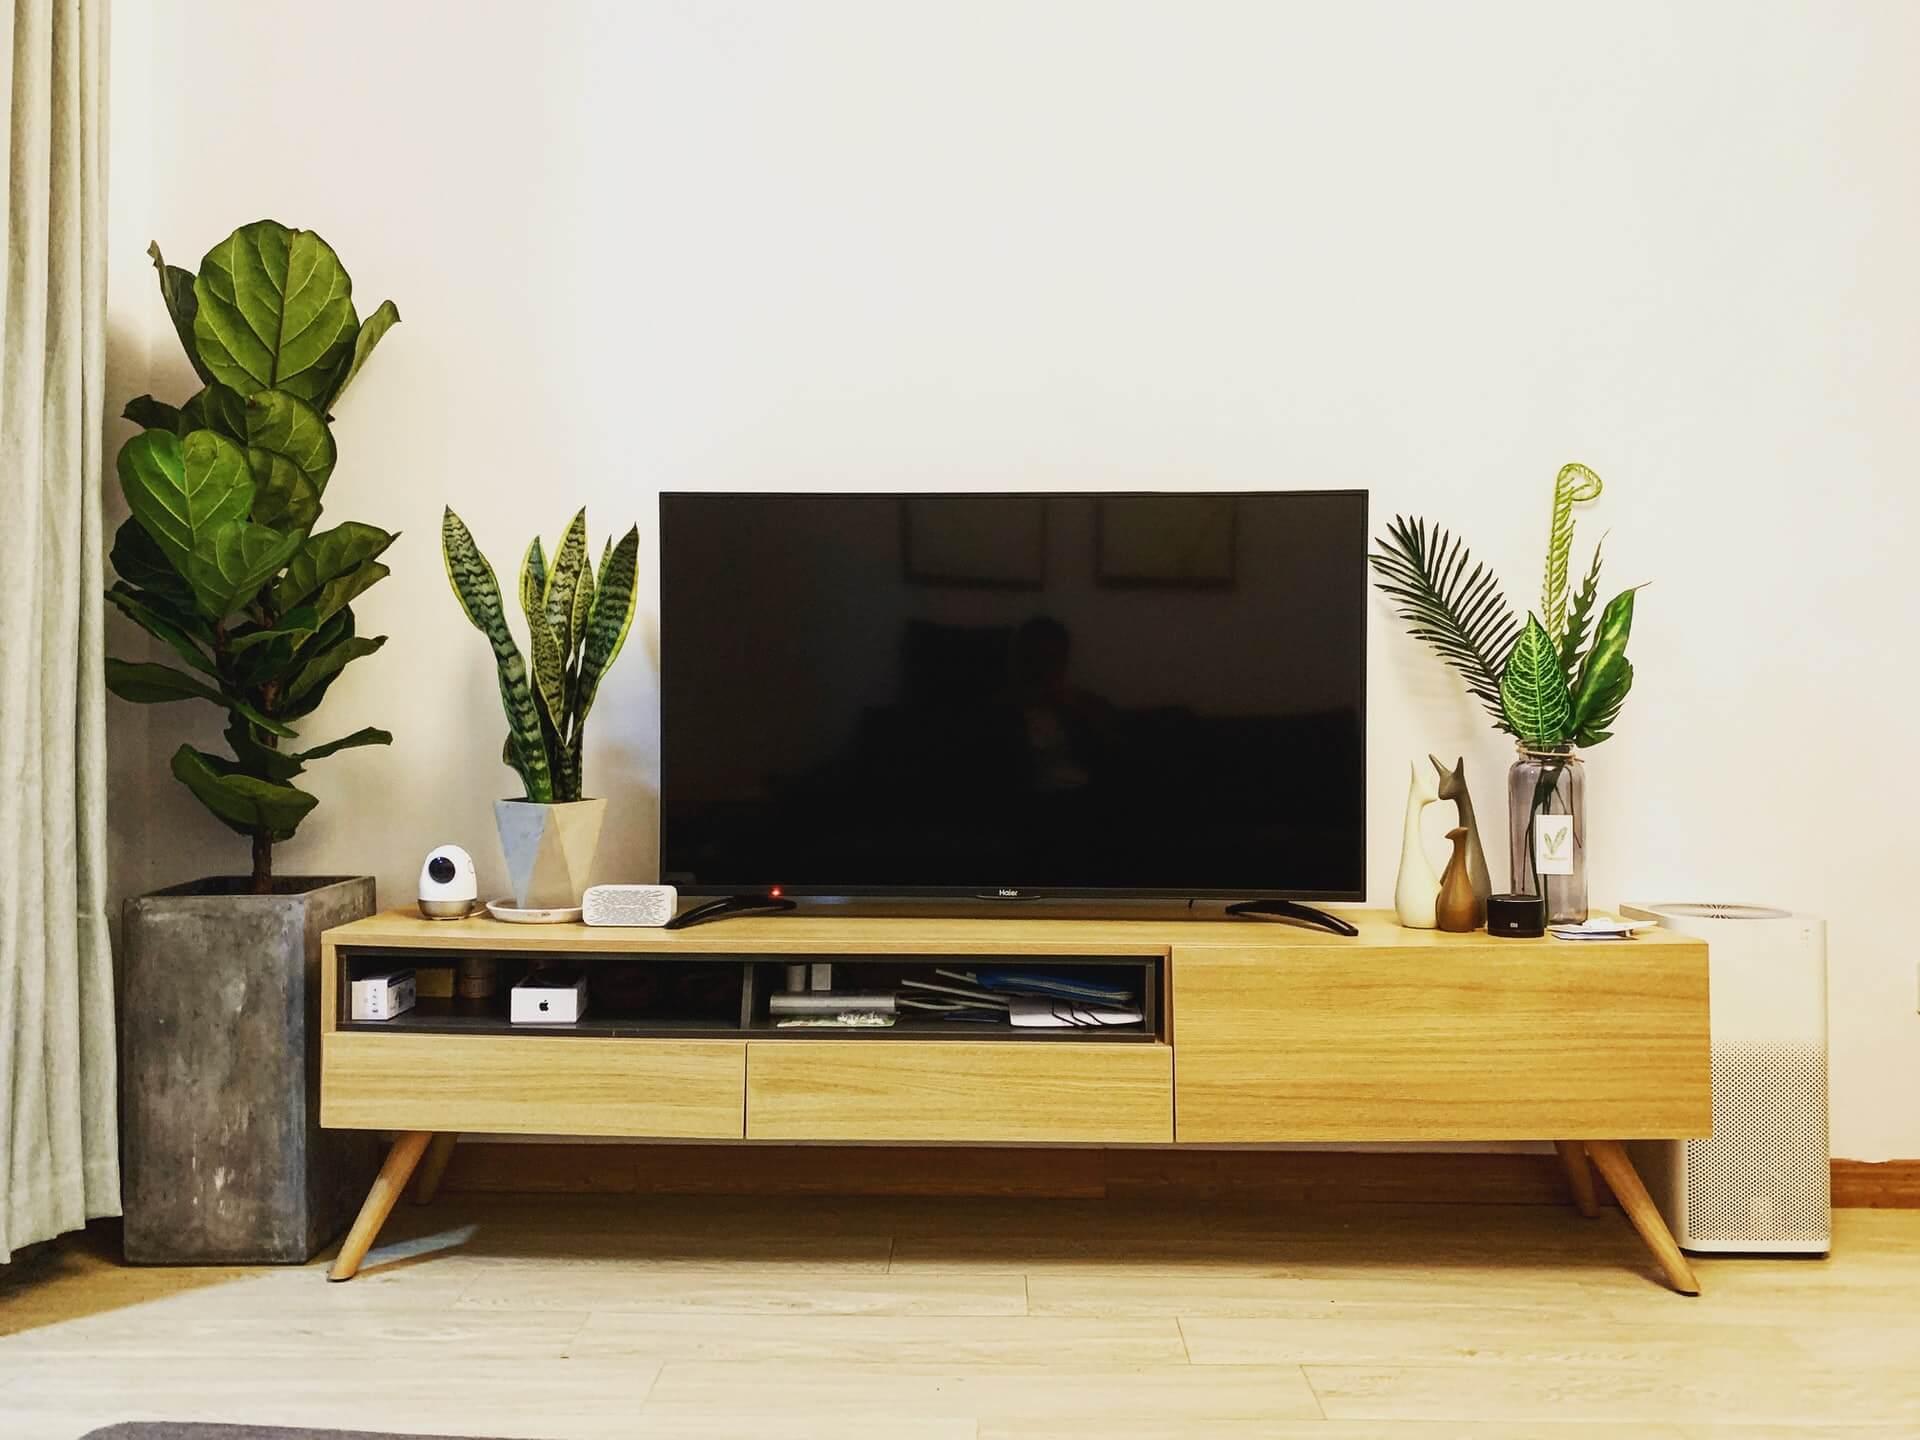 テレビのサイズはどう選ぶ?部屋の広さに合った選び方をチェック